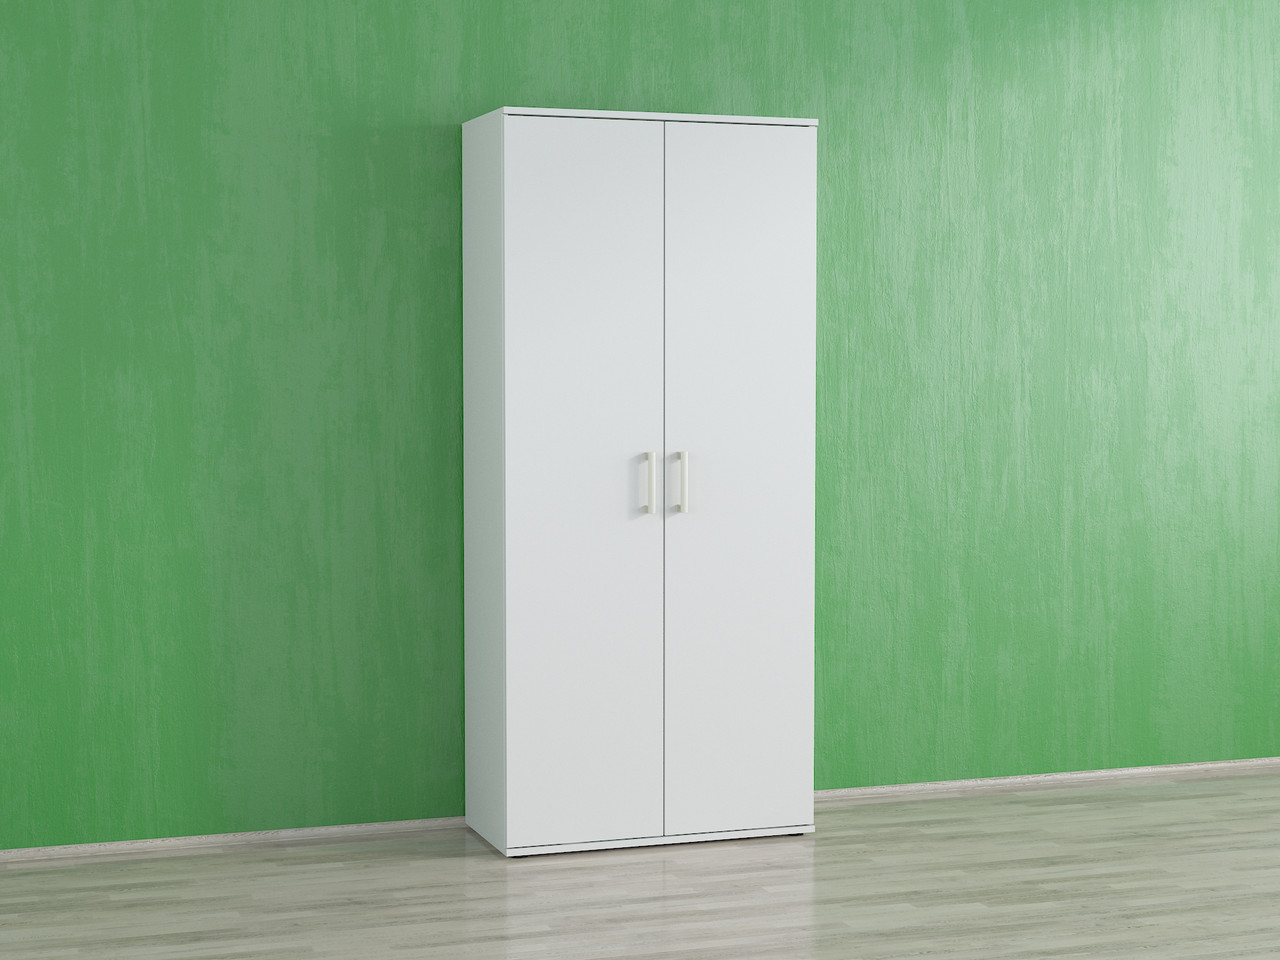 Шкаф для одежды с полками и штангой для обуви. Код: А-8